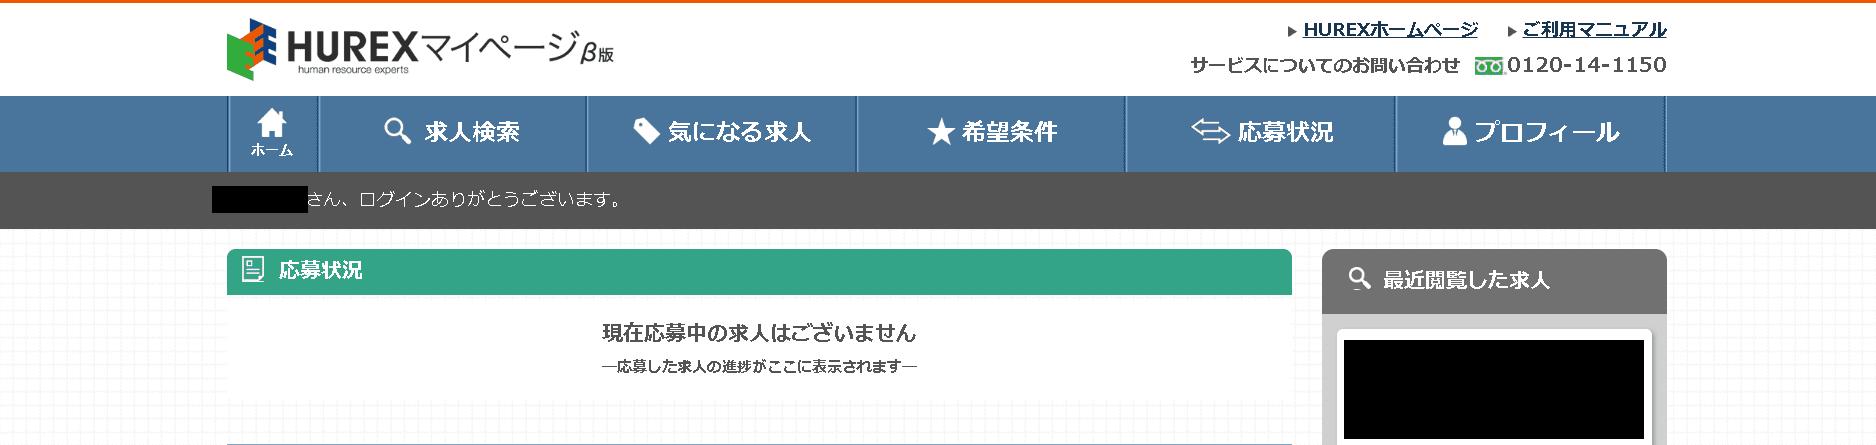 ヒューレックス株式会社 福岡支社